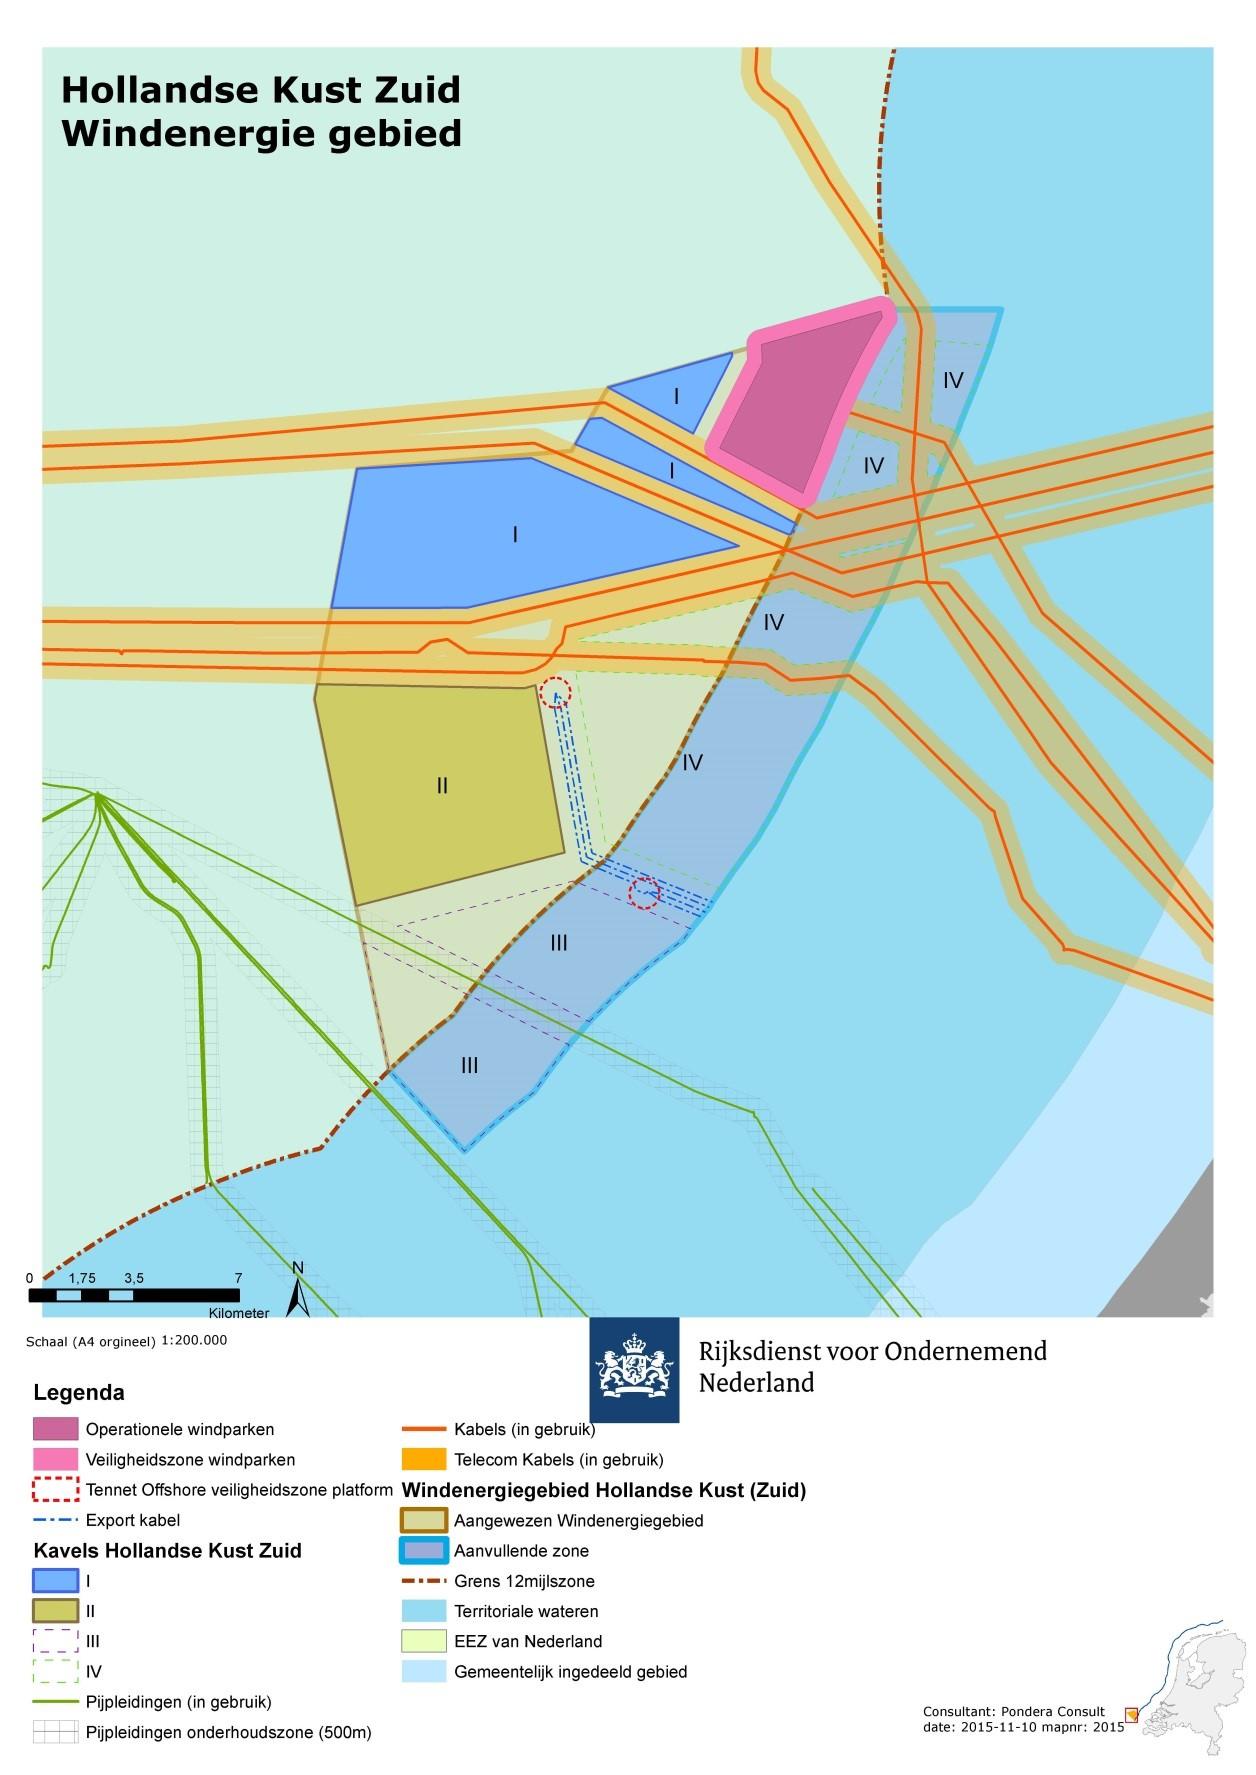 Commissie m.e.r.: heldere aanpak onderzoek milieueffecten windenergie op zee bij Hollandse Kust (zuid)